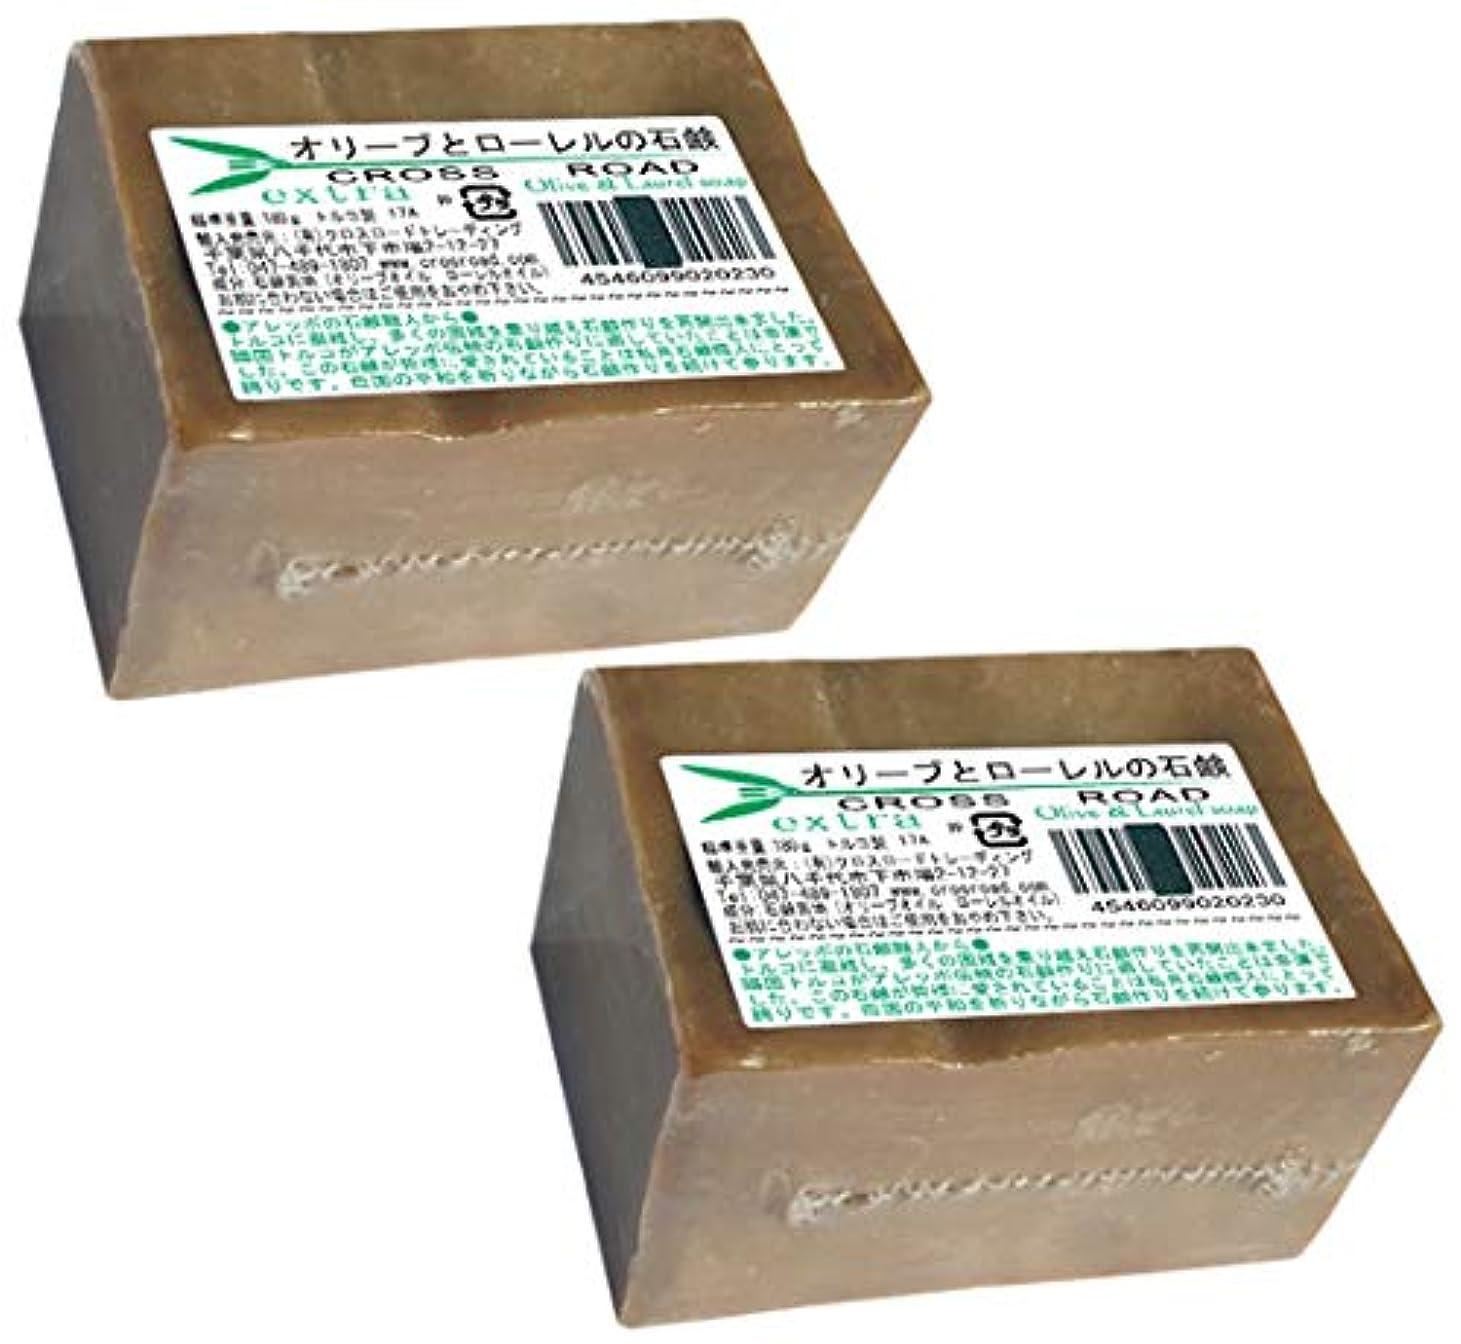 確保するバトルバトルオリーブとローレルの石鹸(エキストラ)2個セット[並行輸入品]